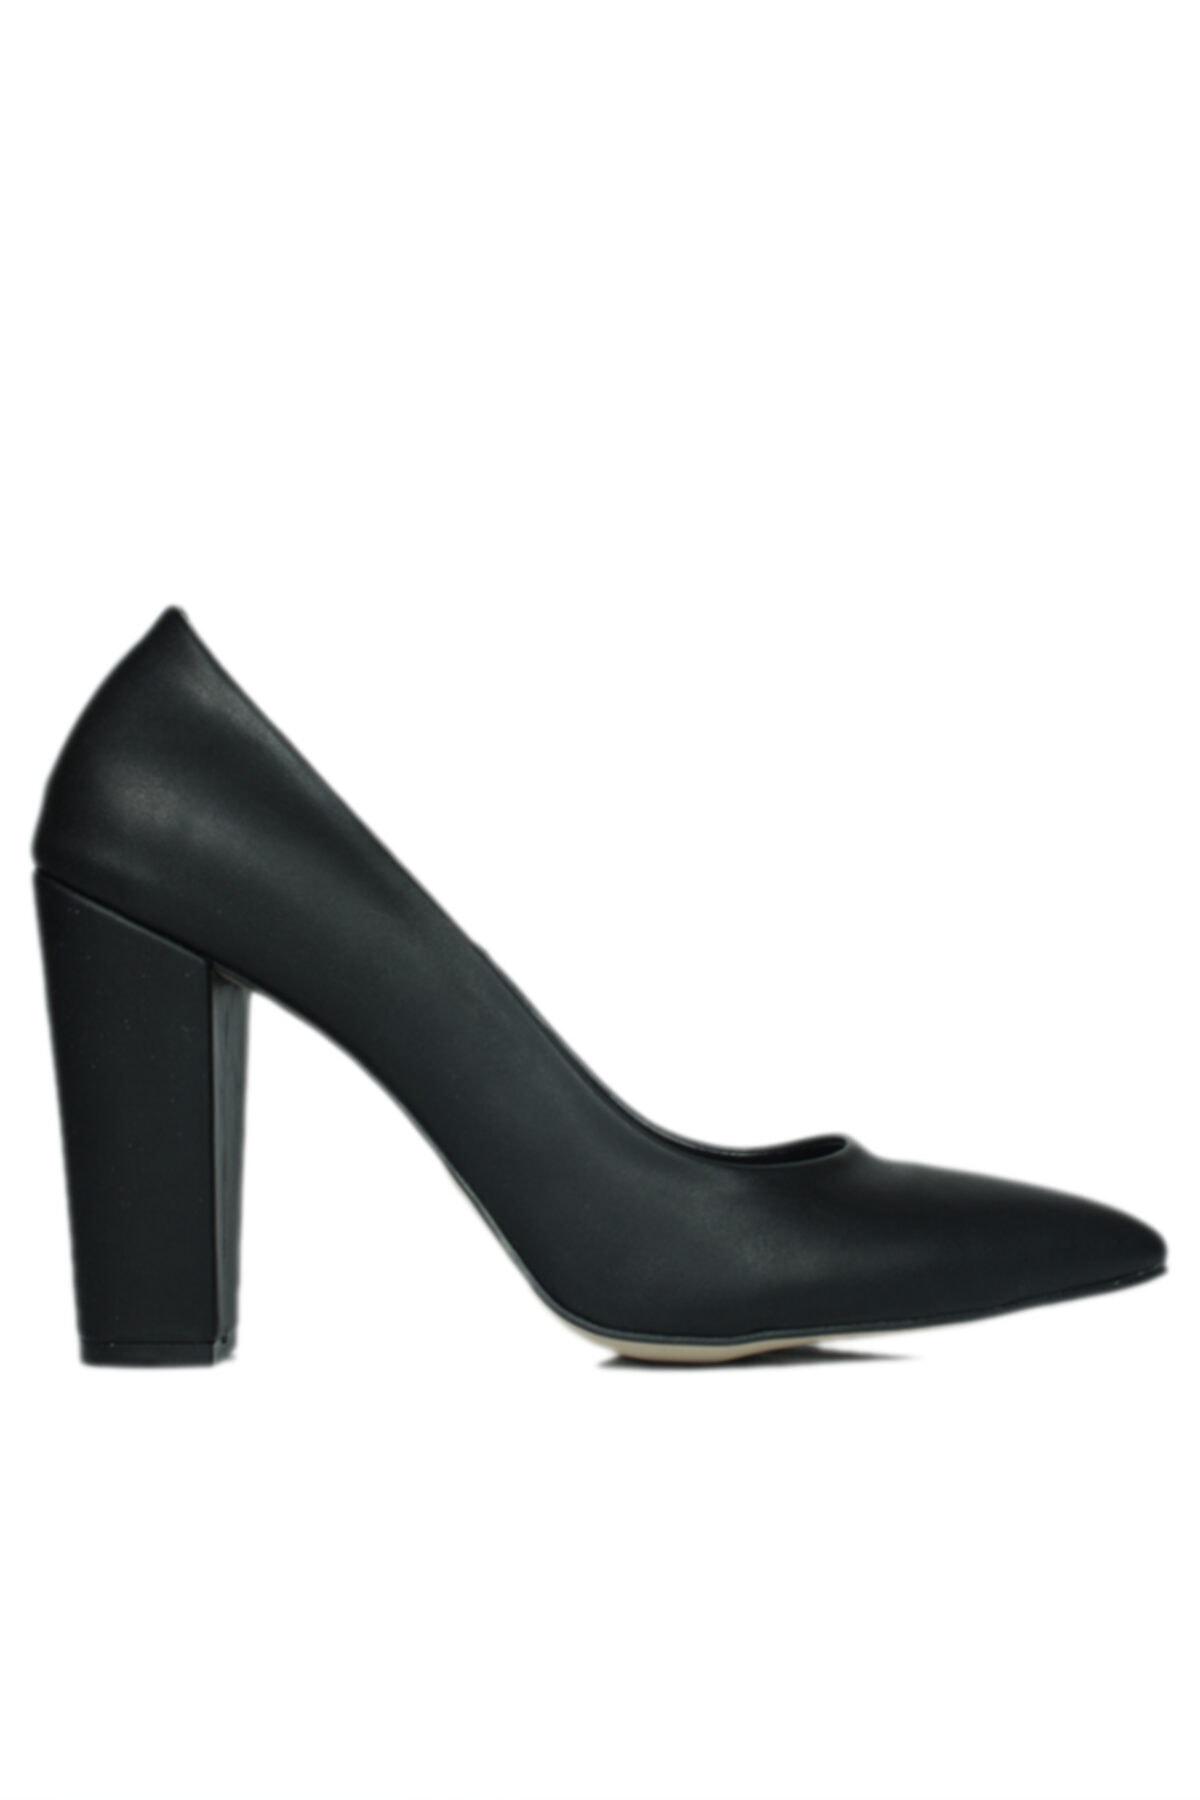 520121 014 Kadın Siyah Büyük & Küçük Numara Stiletto